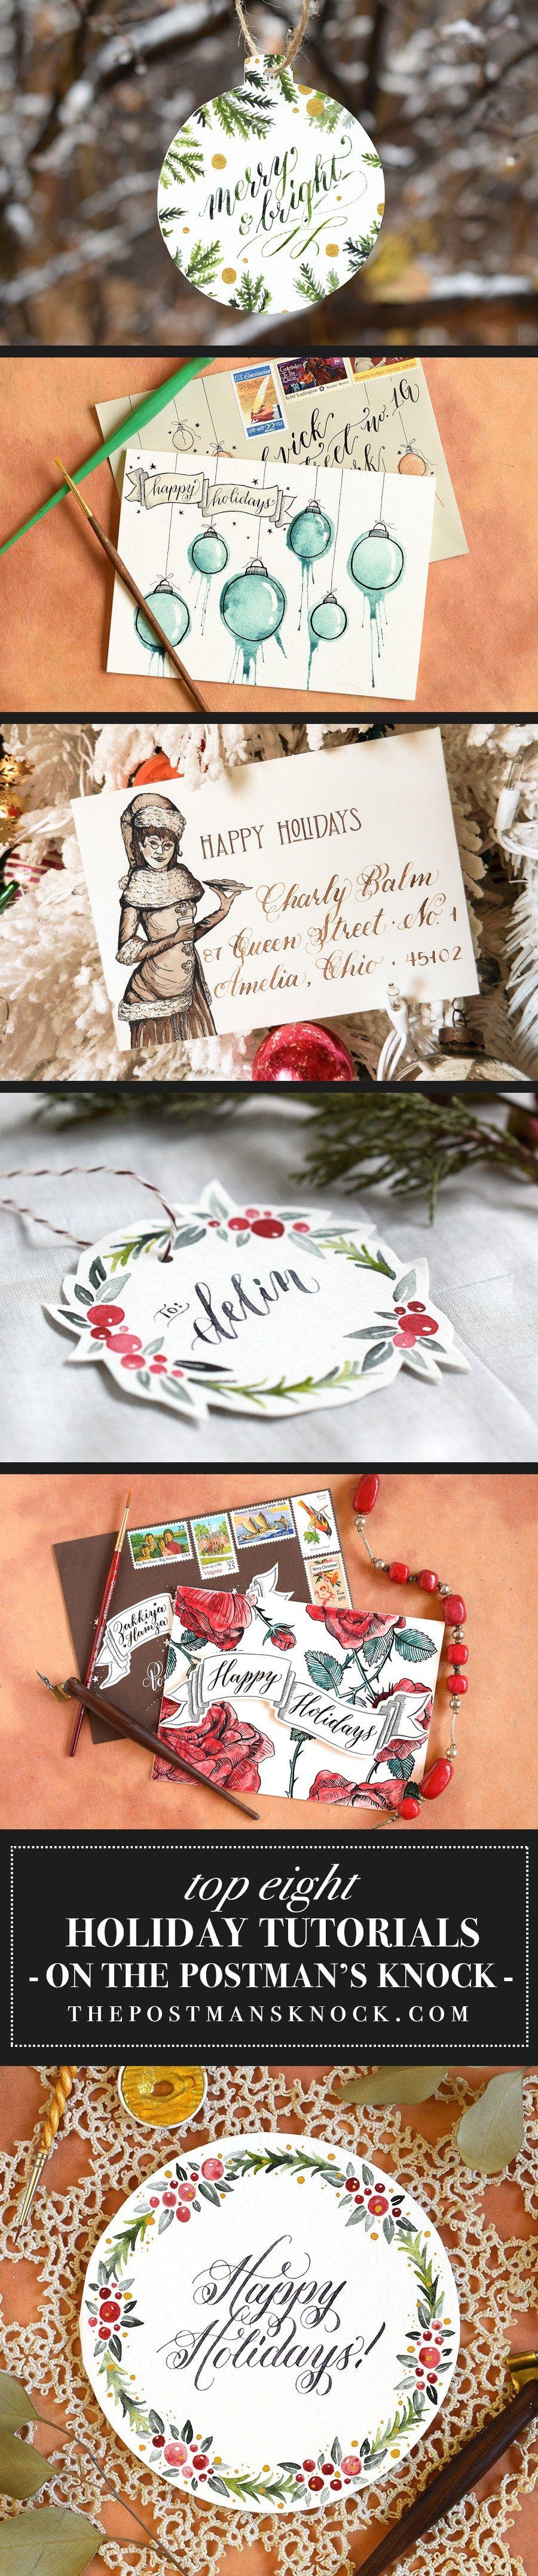 Top 8 TPK Holiday Tutorials | Caligrafía y Navidad